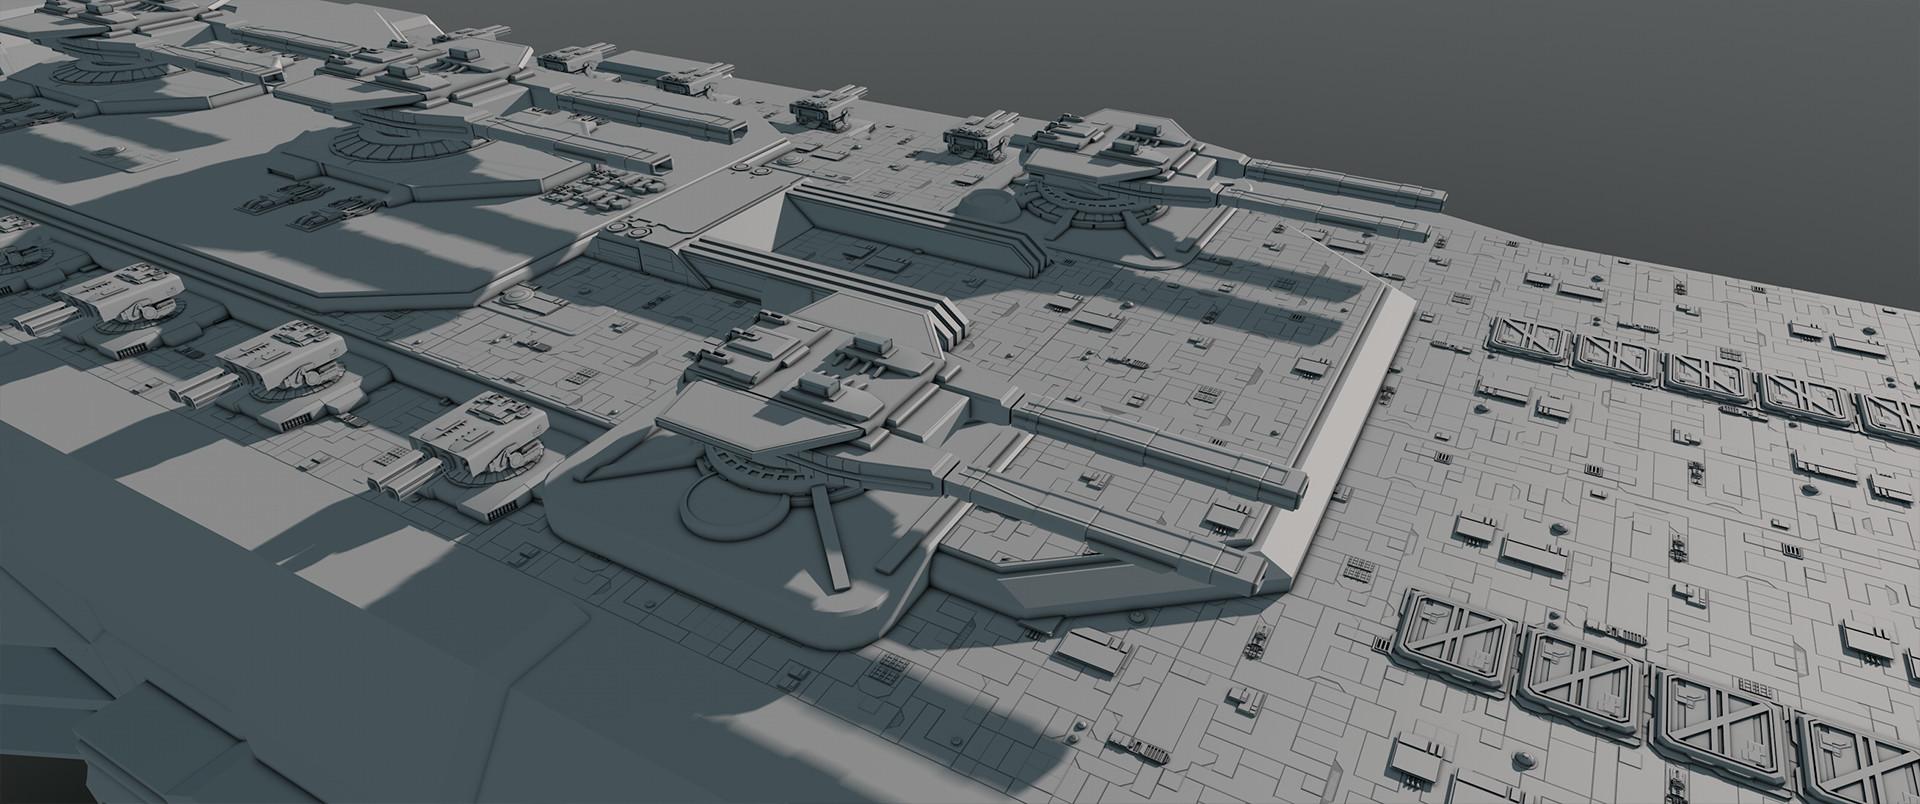 Glenn clovis concept battleship saratoga 20